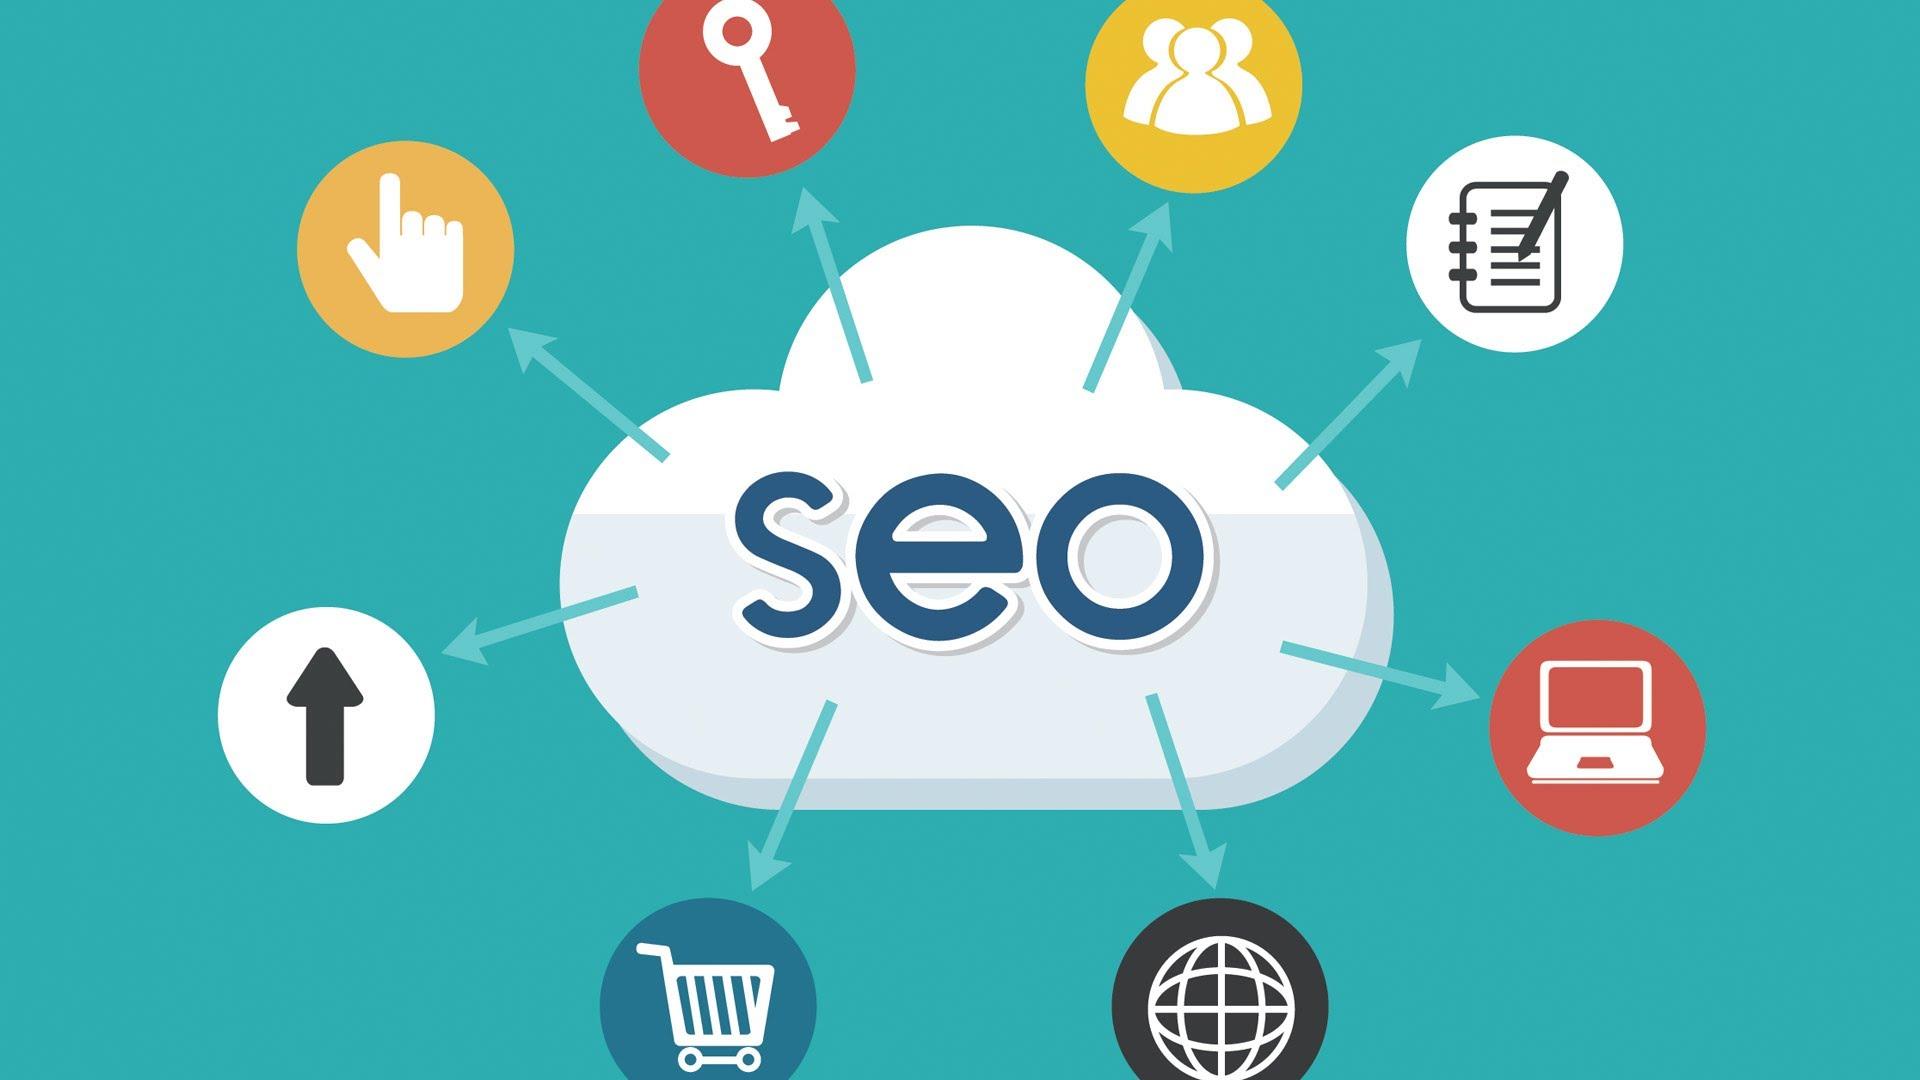 ชวนรู้จัก SEO สิ่งสำคัญสำหรับเว็บไซต์ขายสินค้าออนไลน์